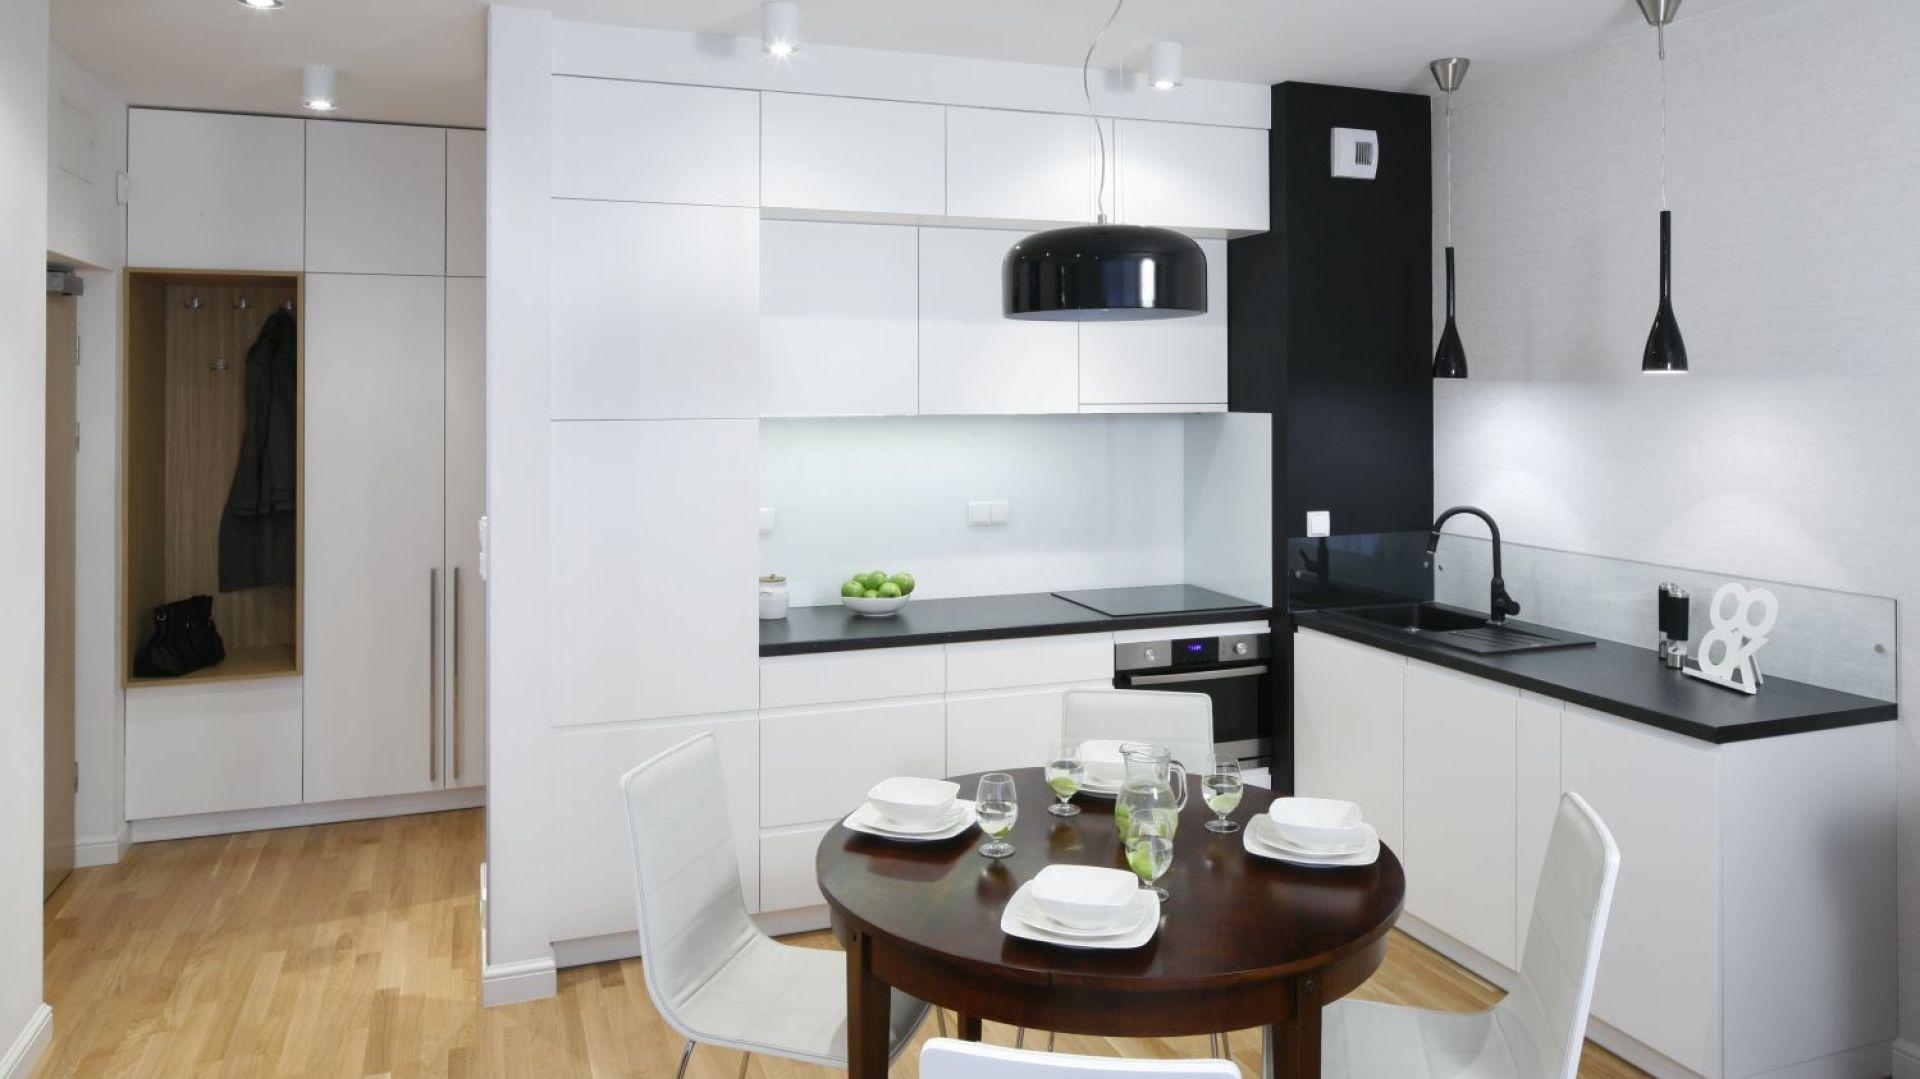 Przy niedużym aneksie kuchennym zaplanowano równie niedużą jadalnię. Kontrast bieli i czerni prezentuje się bardzo elegancko. Projekt: Ewa Para. Fot. Bartosz Jarosz